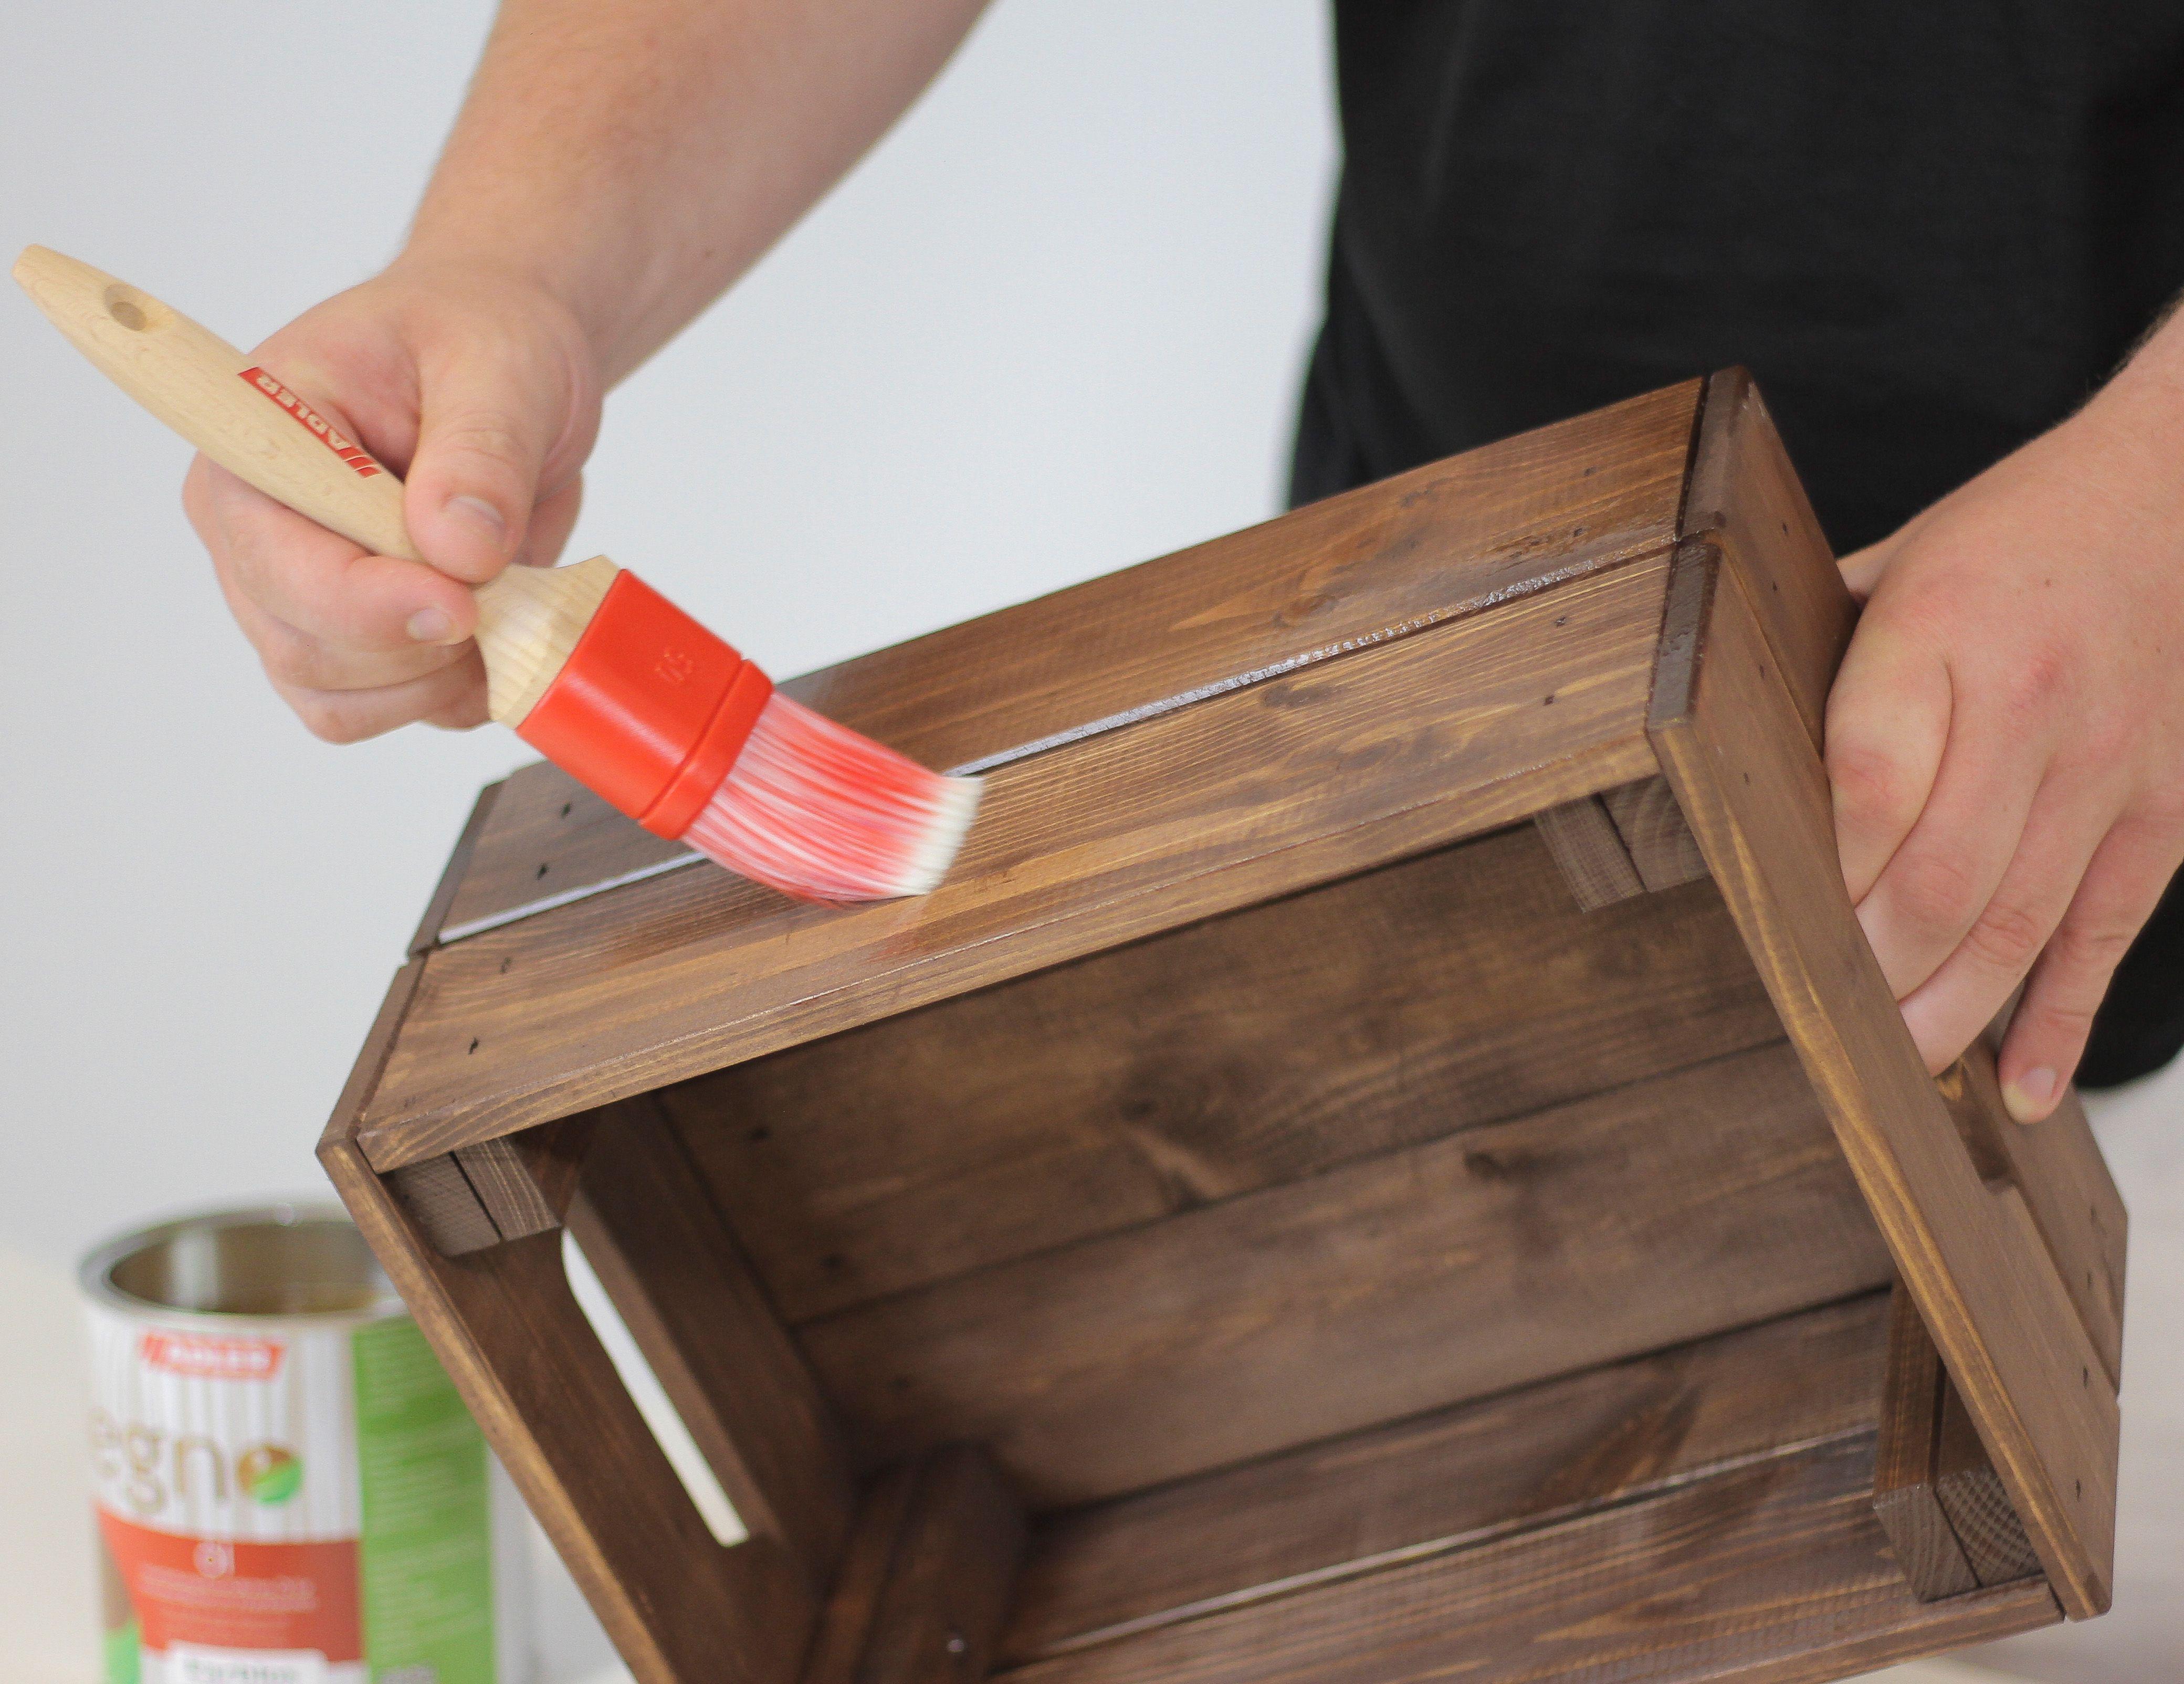 weinkisten lasieren mit legno-color von adler: https://www.adler